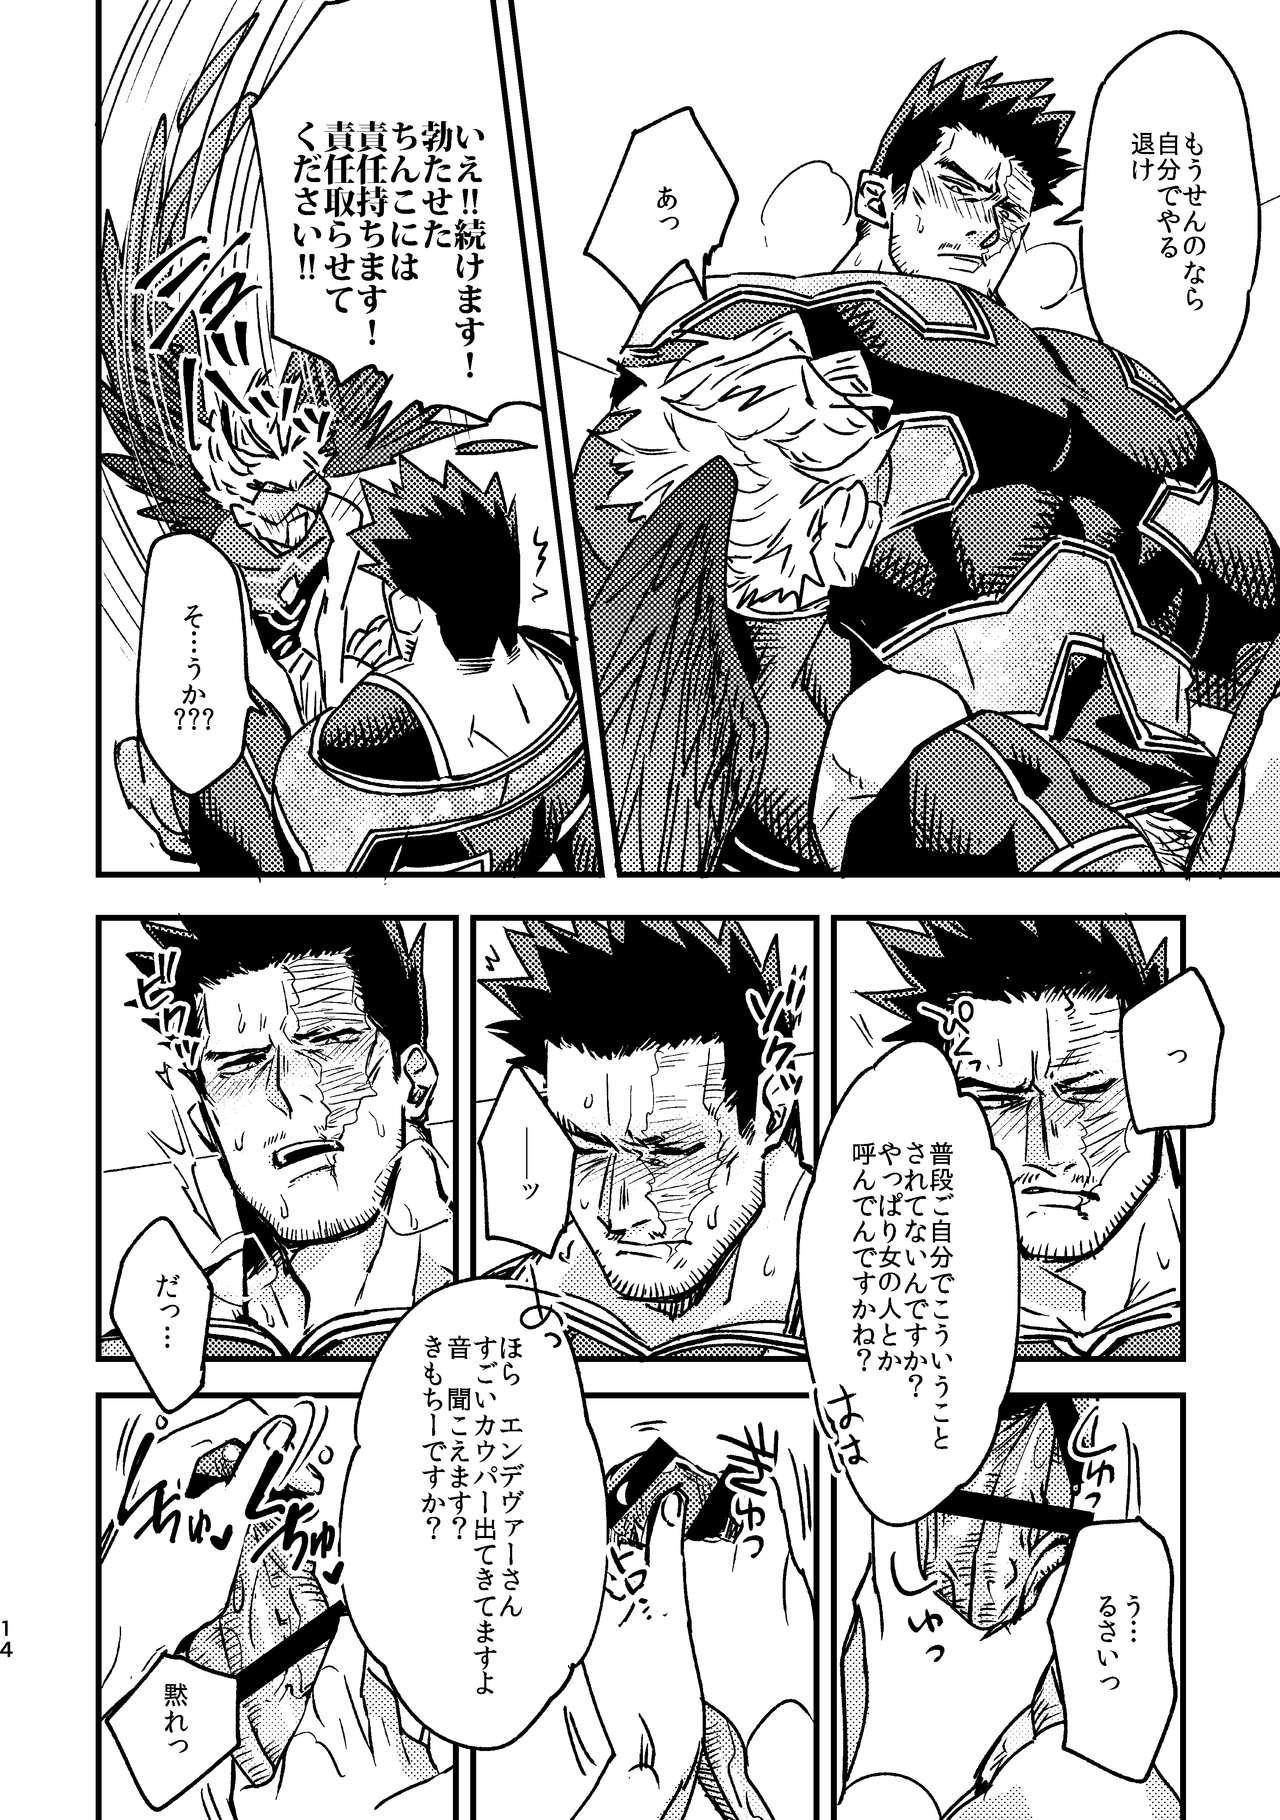 WEB Sairoku Zumi HawEn Manga ga Kami demo Yomeru Hon. 13